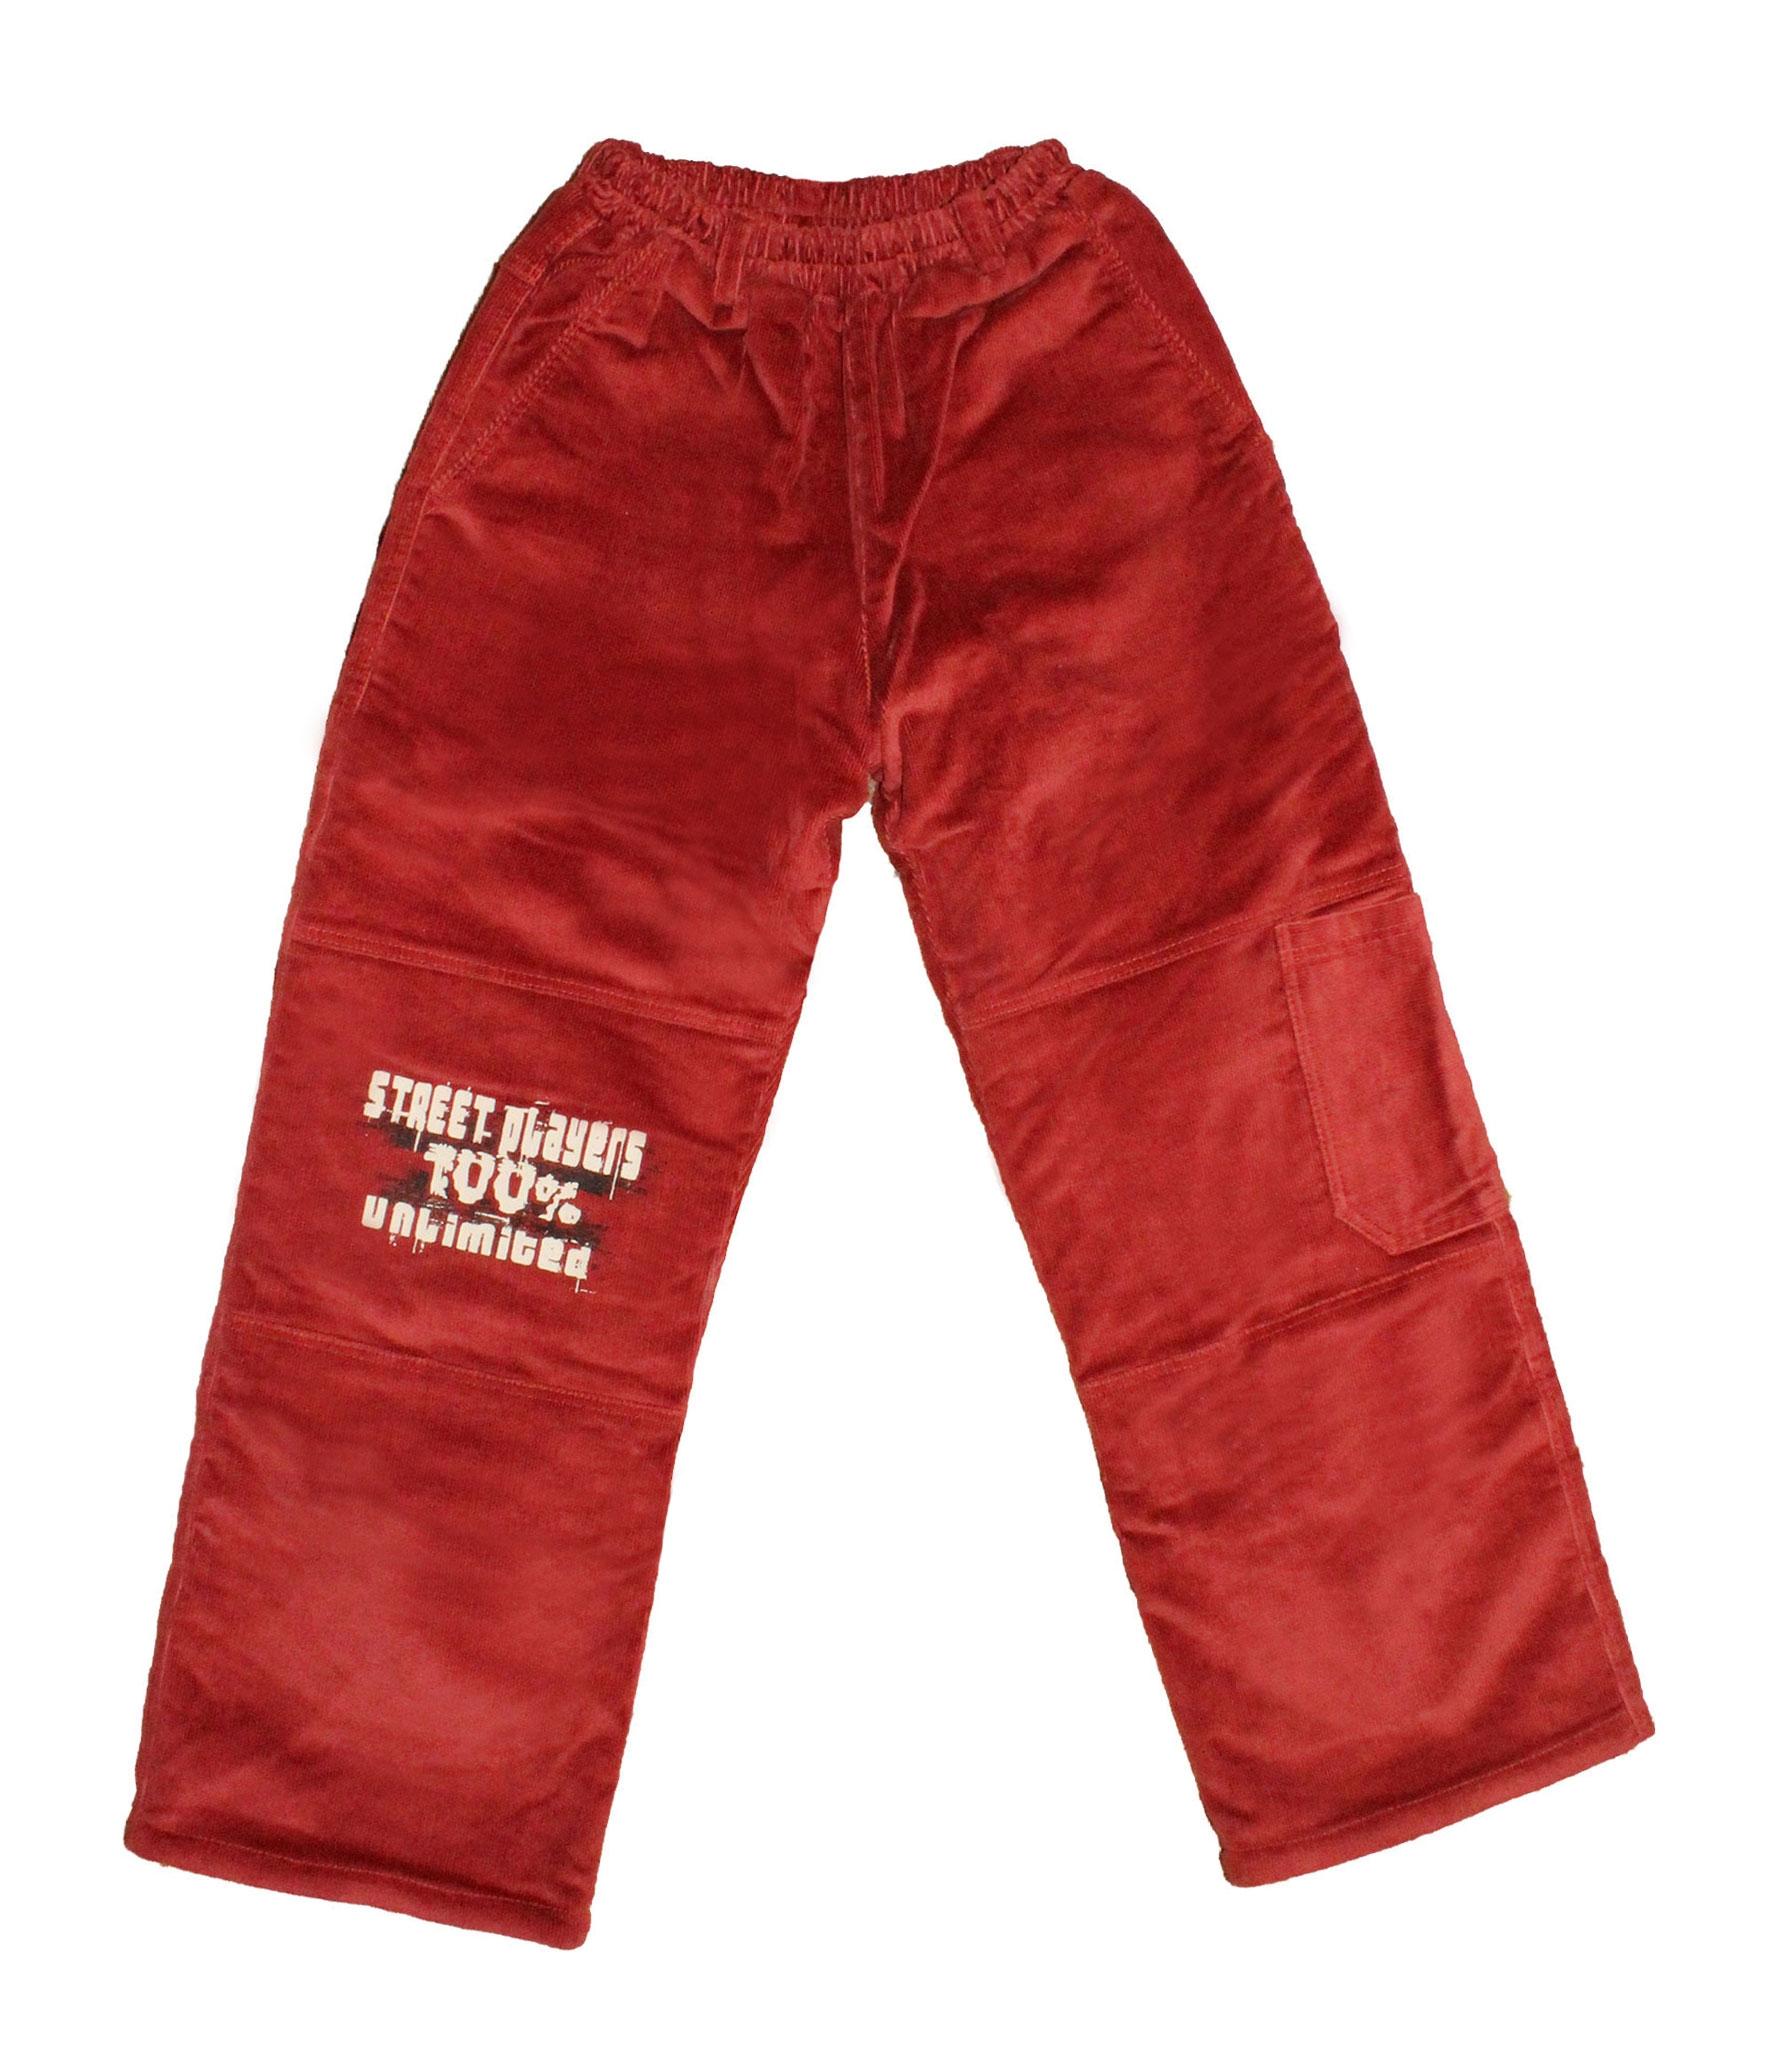 Király G. Tégla piros színű fiús microkord bélelt nadrág 128 as